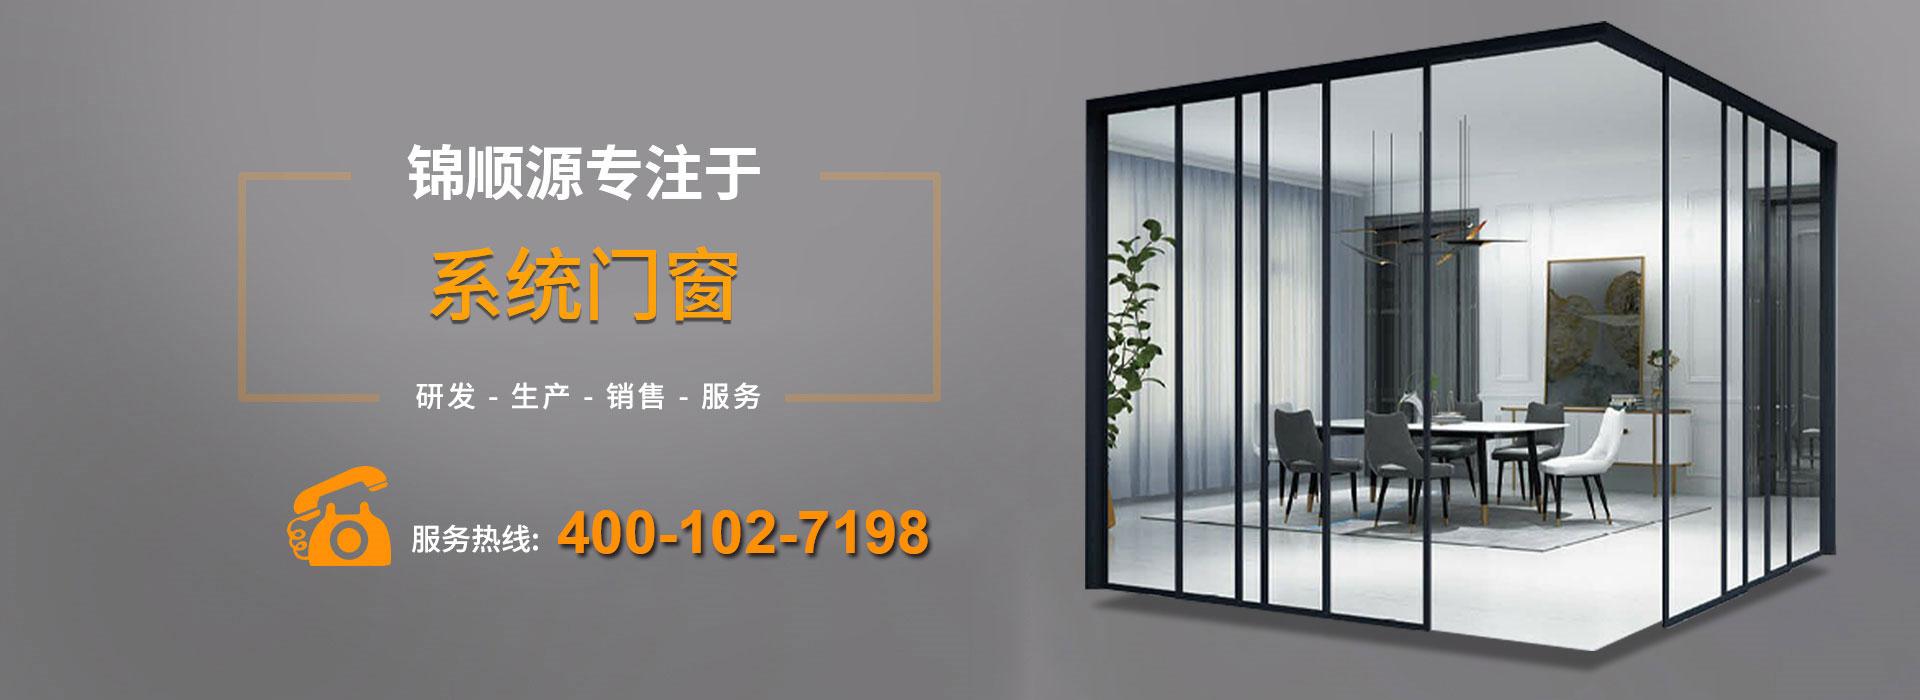 廣東系統門窗廠家,廣東高端系統門窗,廣東系統門窗定制,廣東門窗廠家